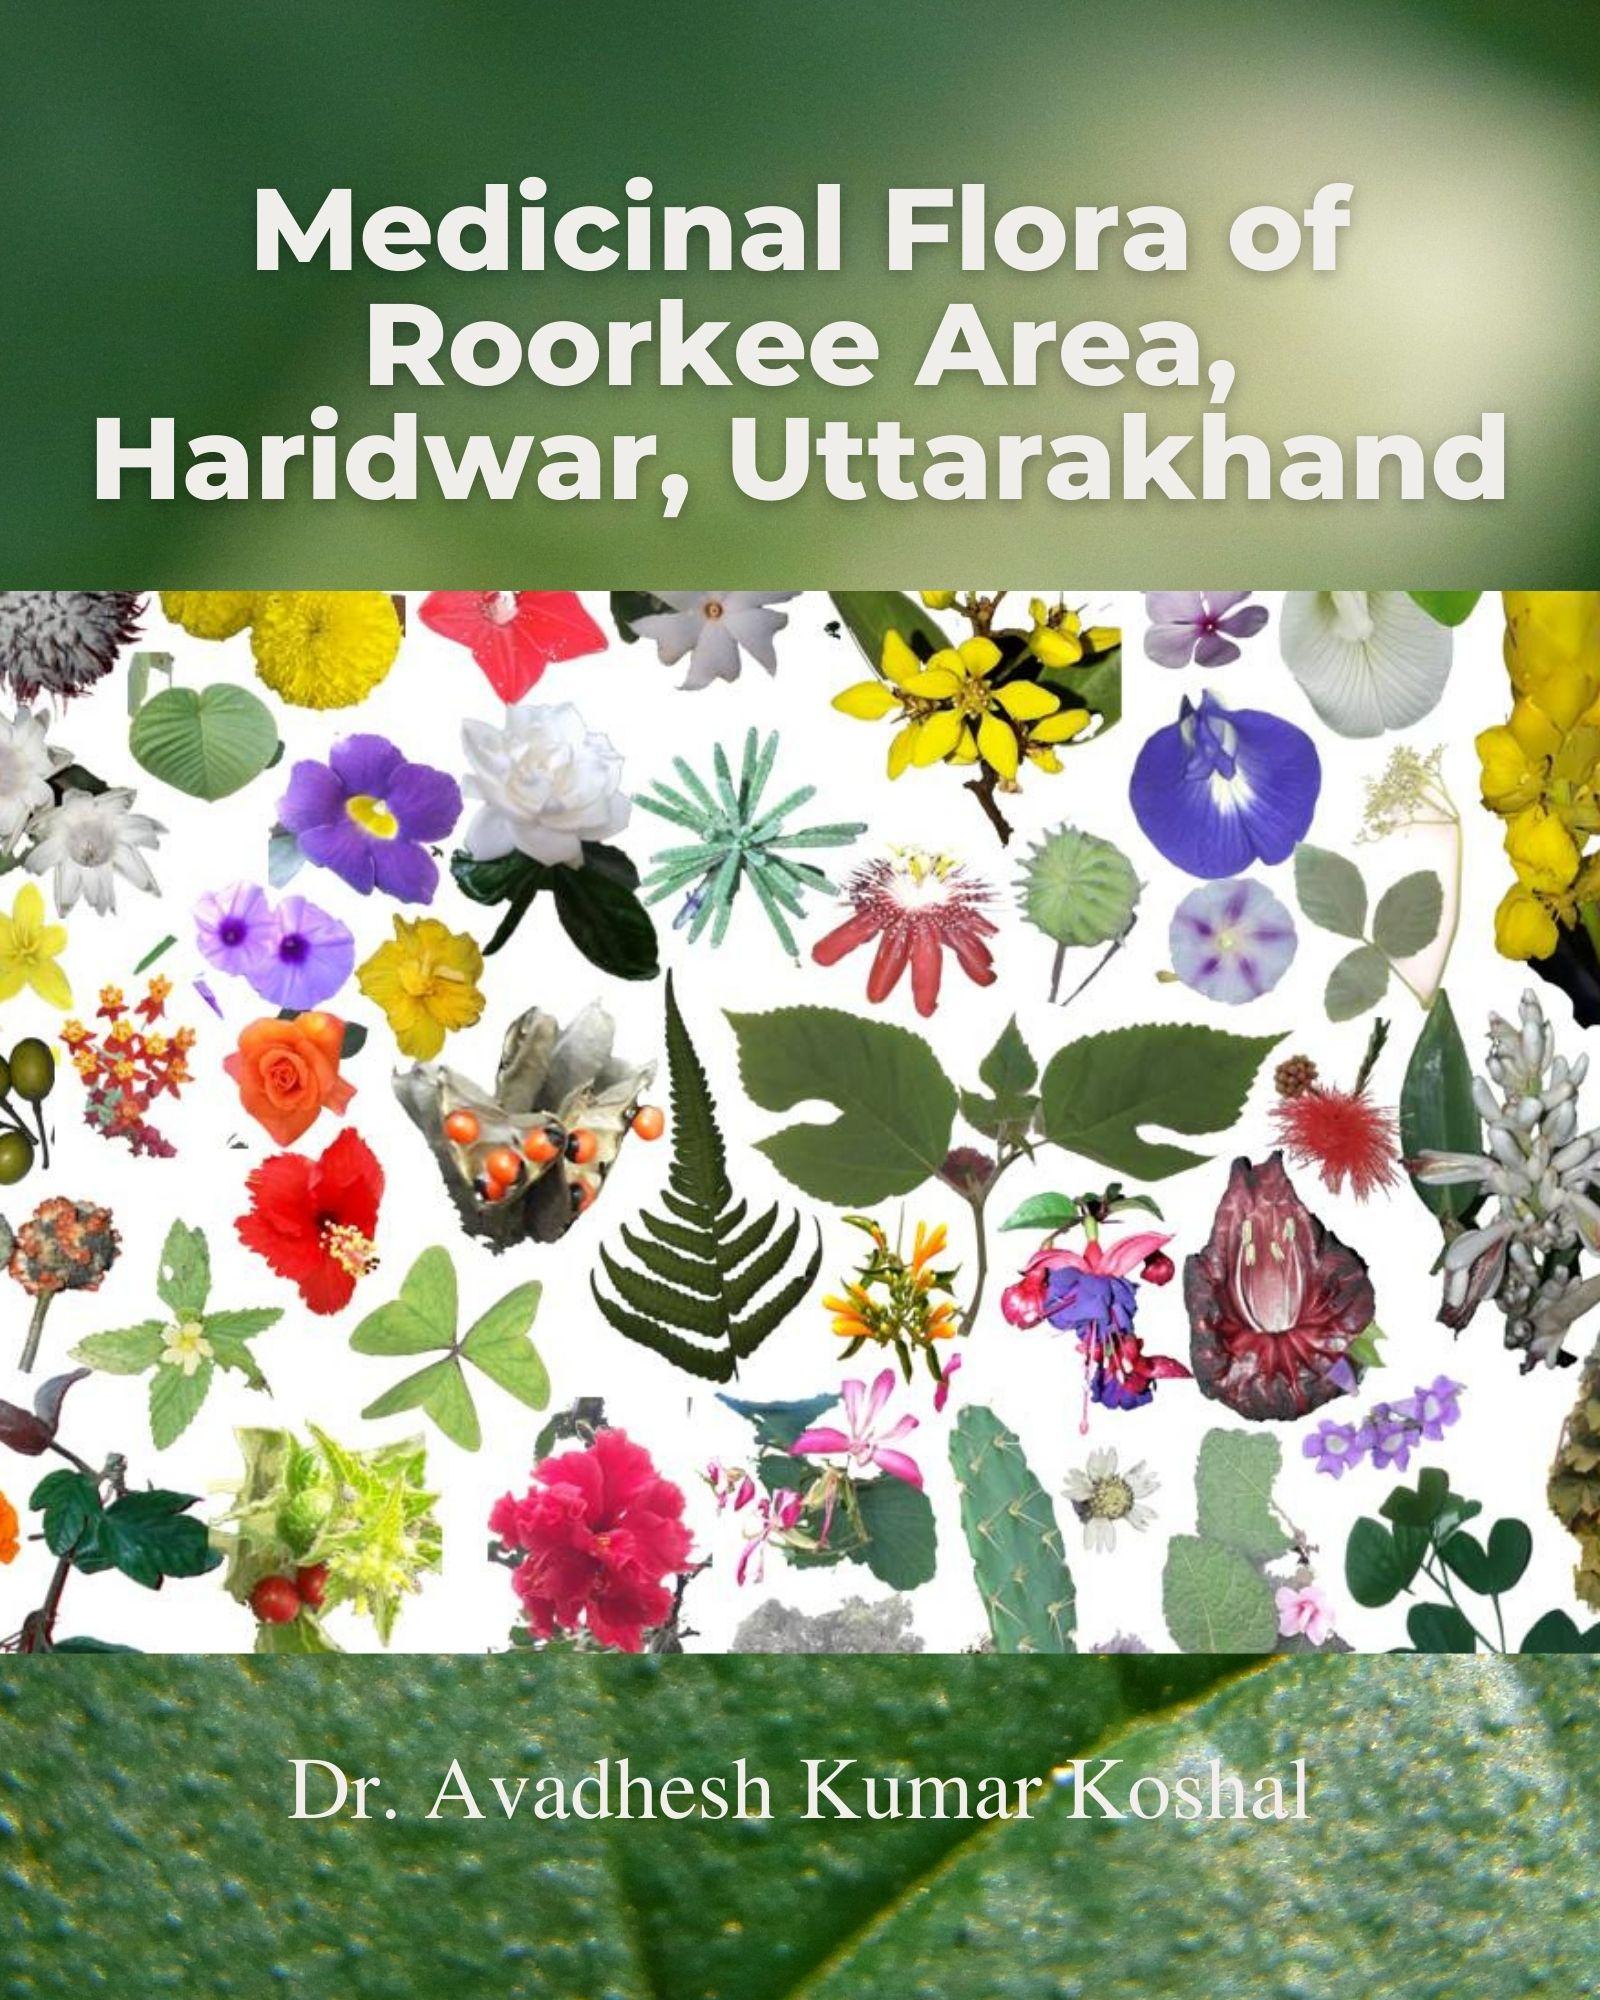 Medicinal Flora of Roorkee Area, Haridwar, Uttarakhand